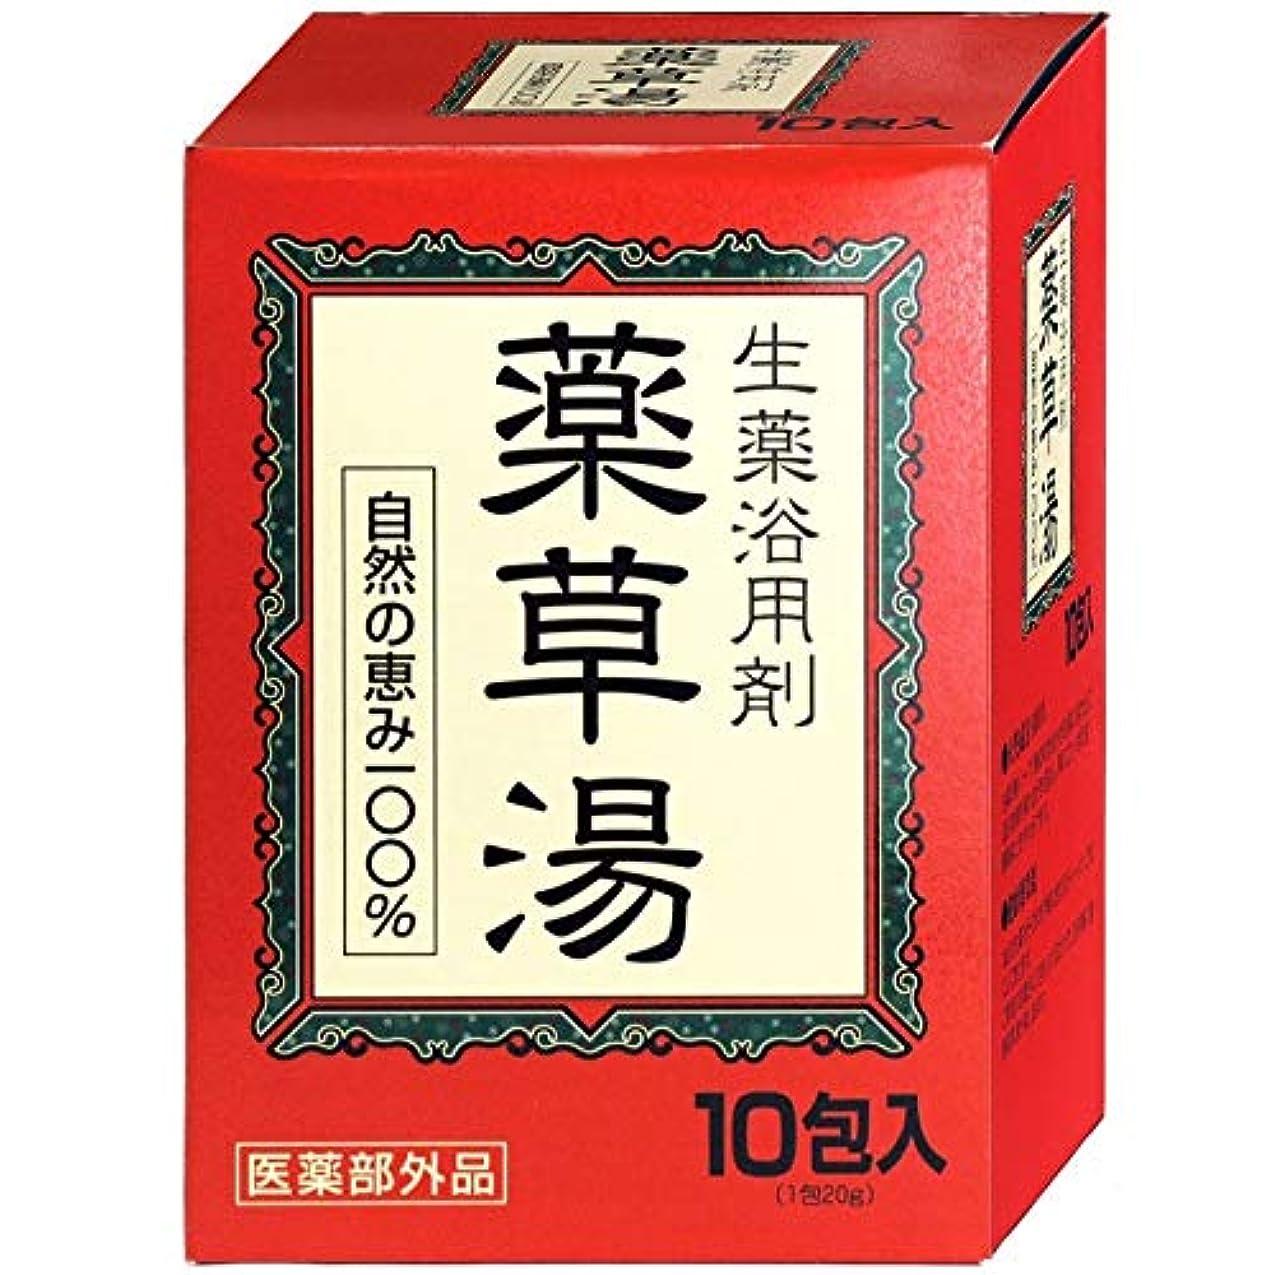 イタリック無限月曜VVN生薬入浴剤薬草湯10包×(10セット)